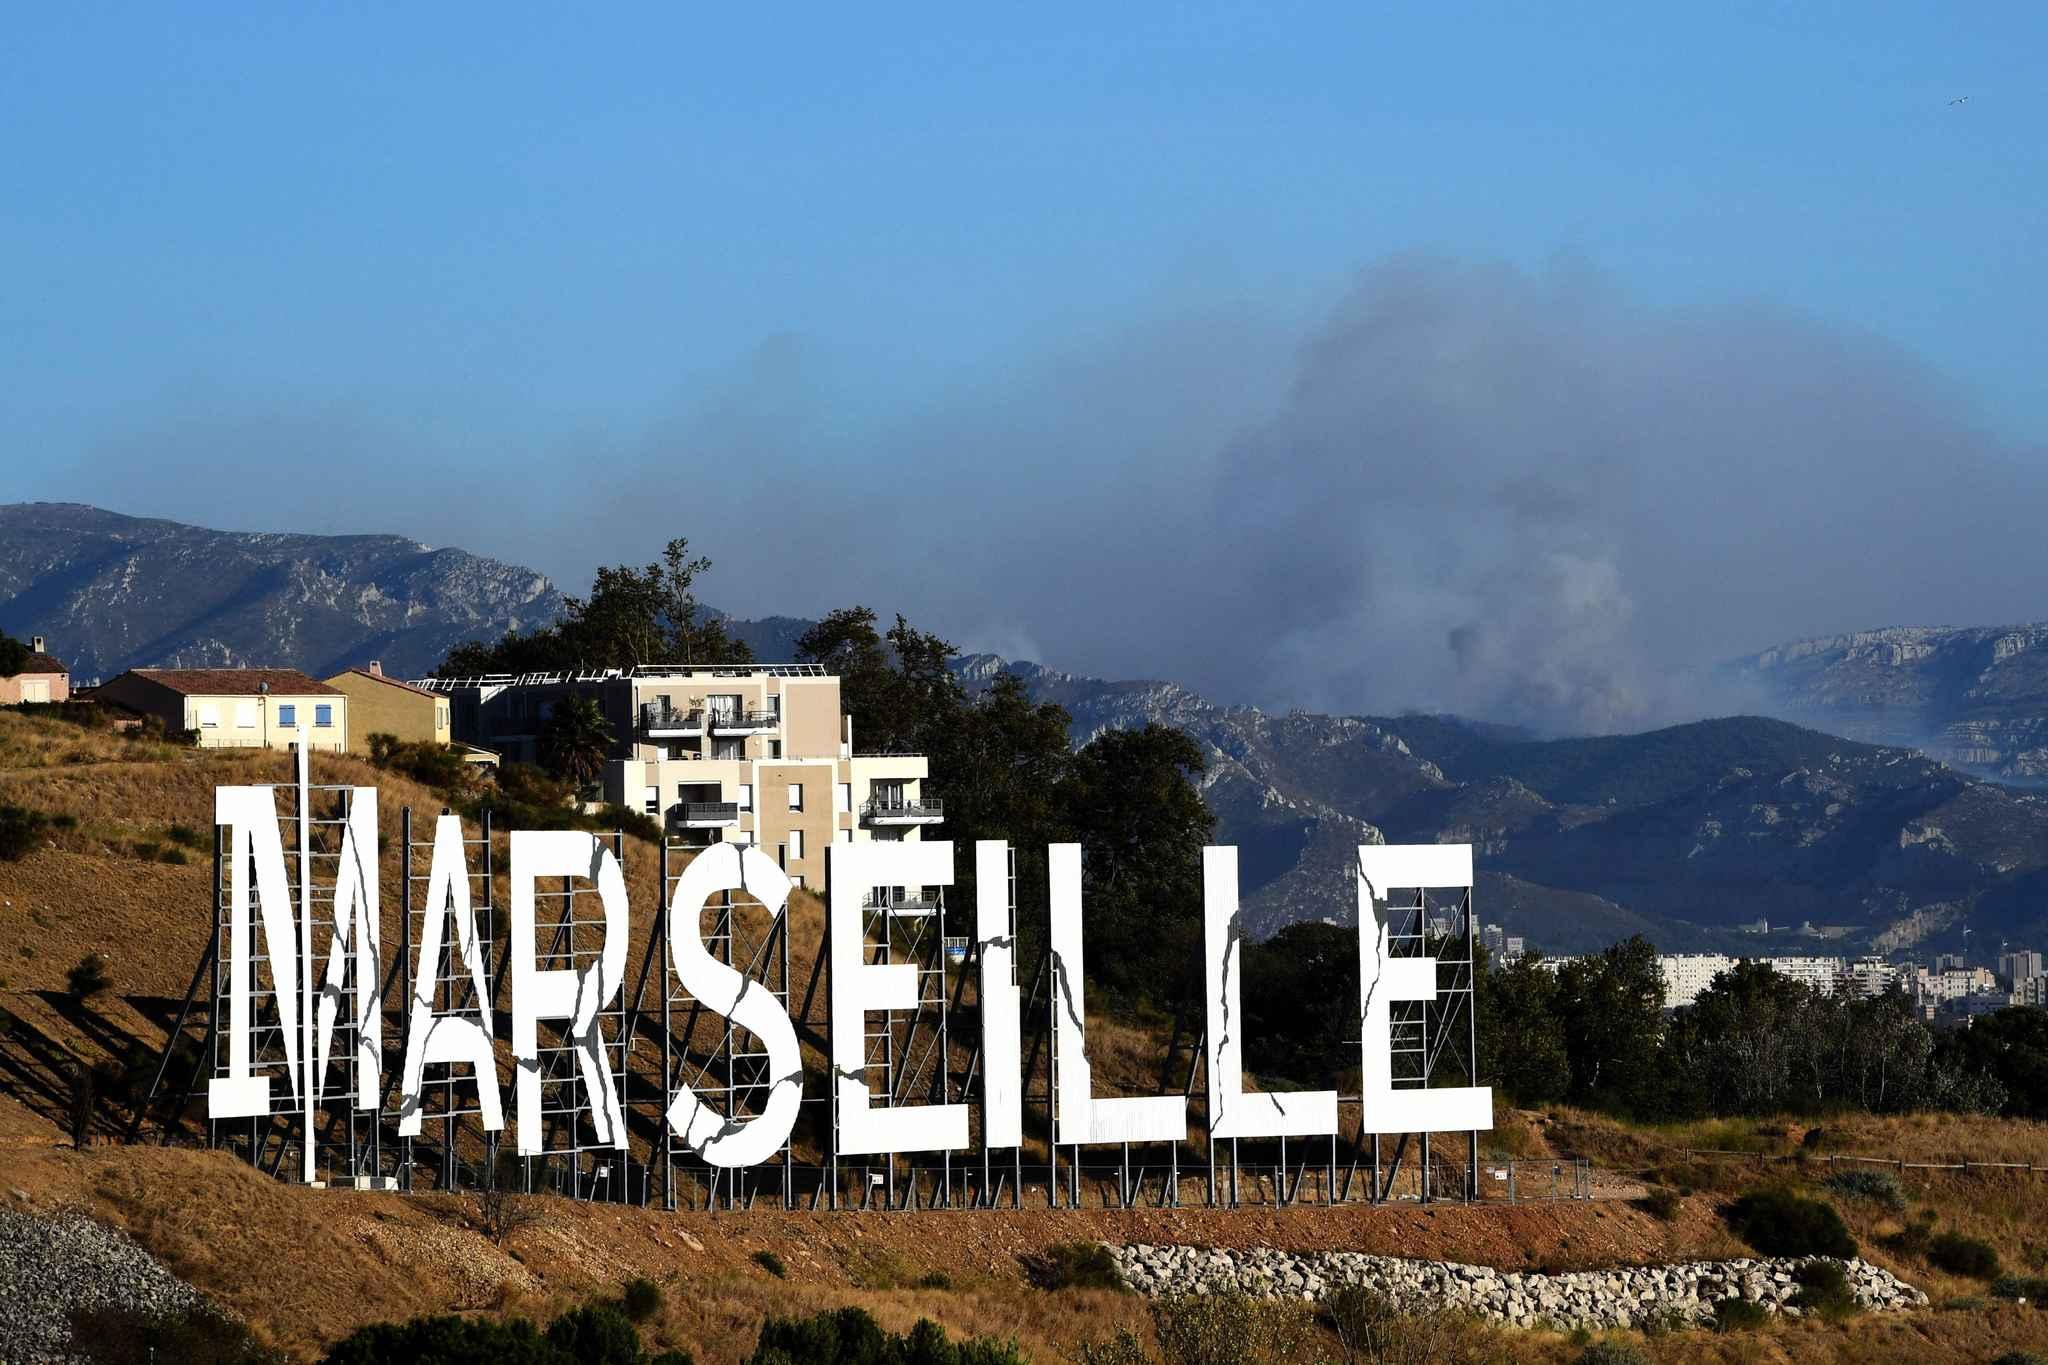 Les infos du matin incendies dans le sud france bi lorussie et le nouveau - Le journal de marseille ...